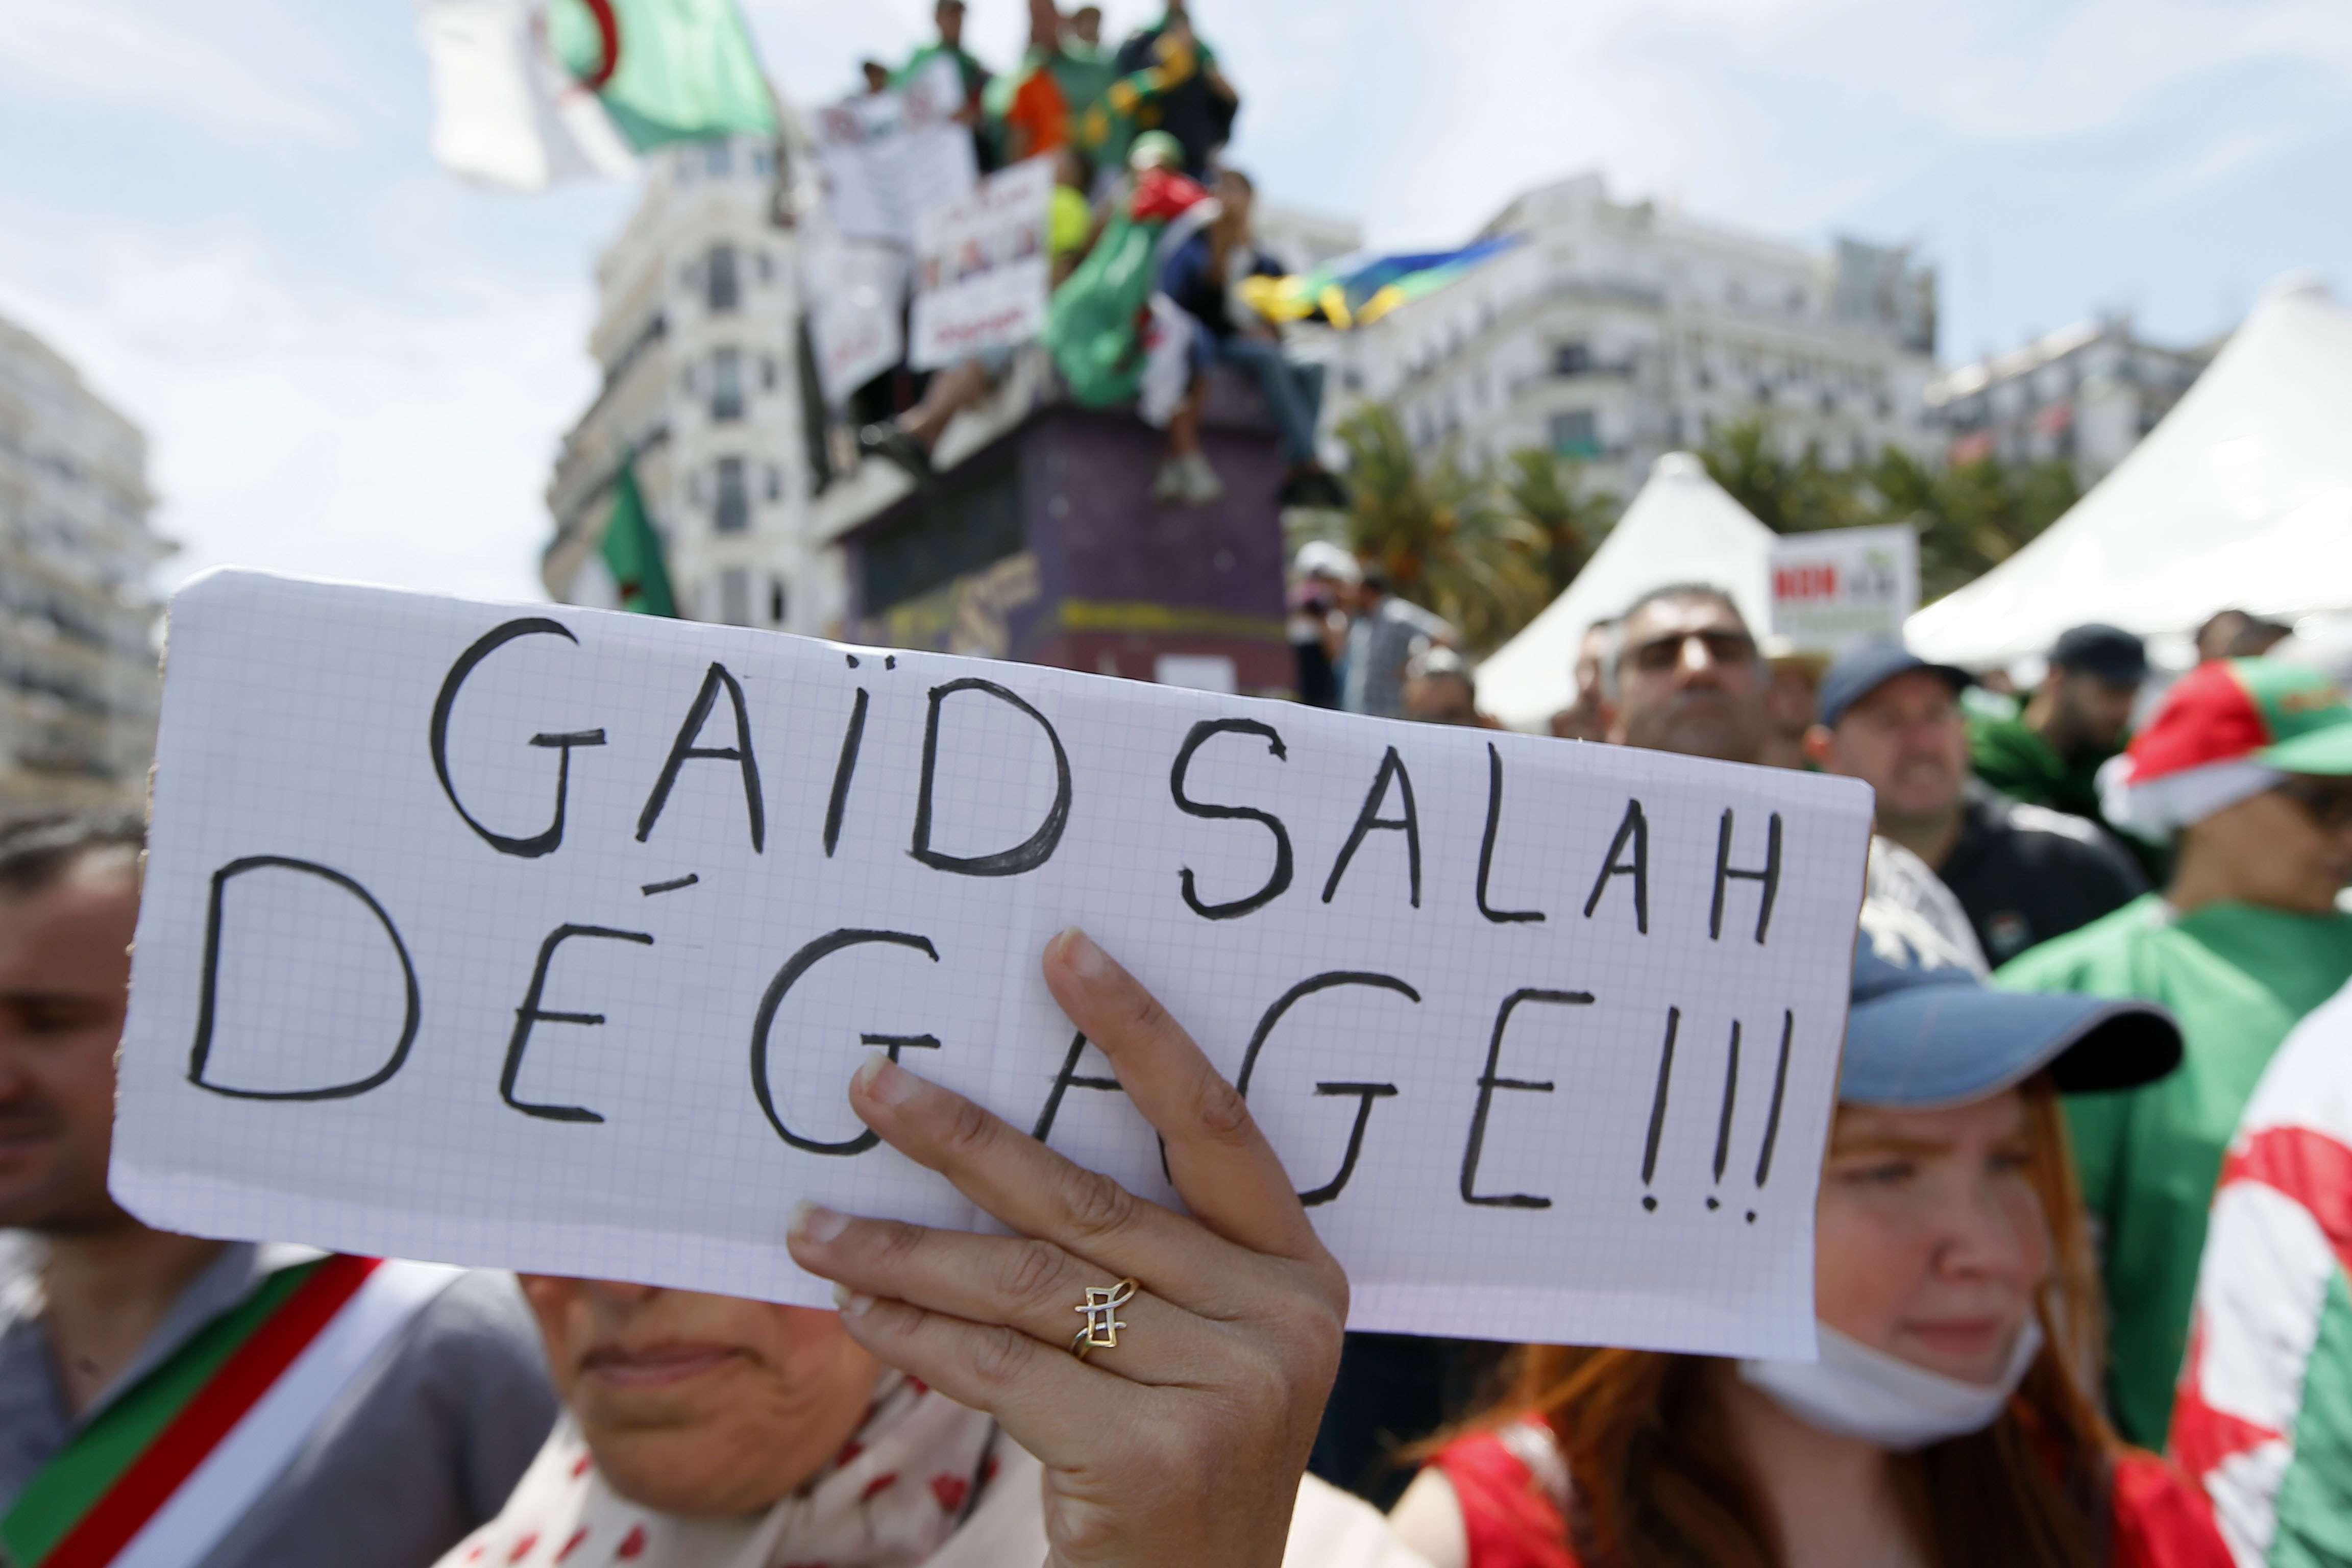 Une pancarte exigeant le départ du chef d'état-major de l'armée, le général Ahmed Gaïd Salah, en mai 2019 à Alger (image d'illustration).